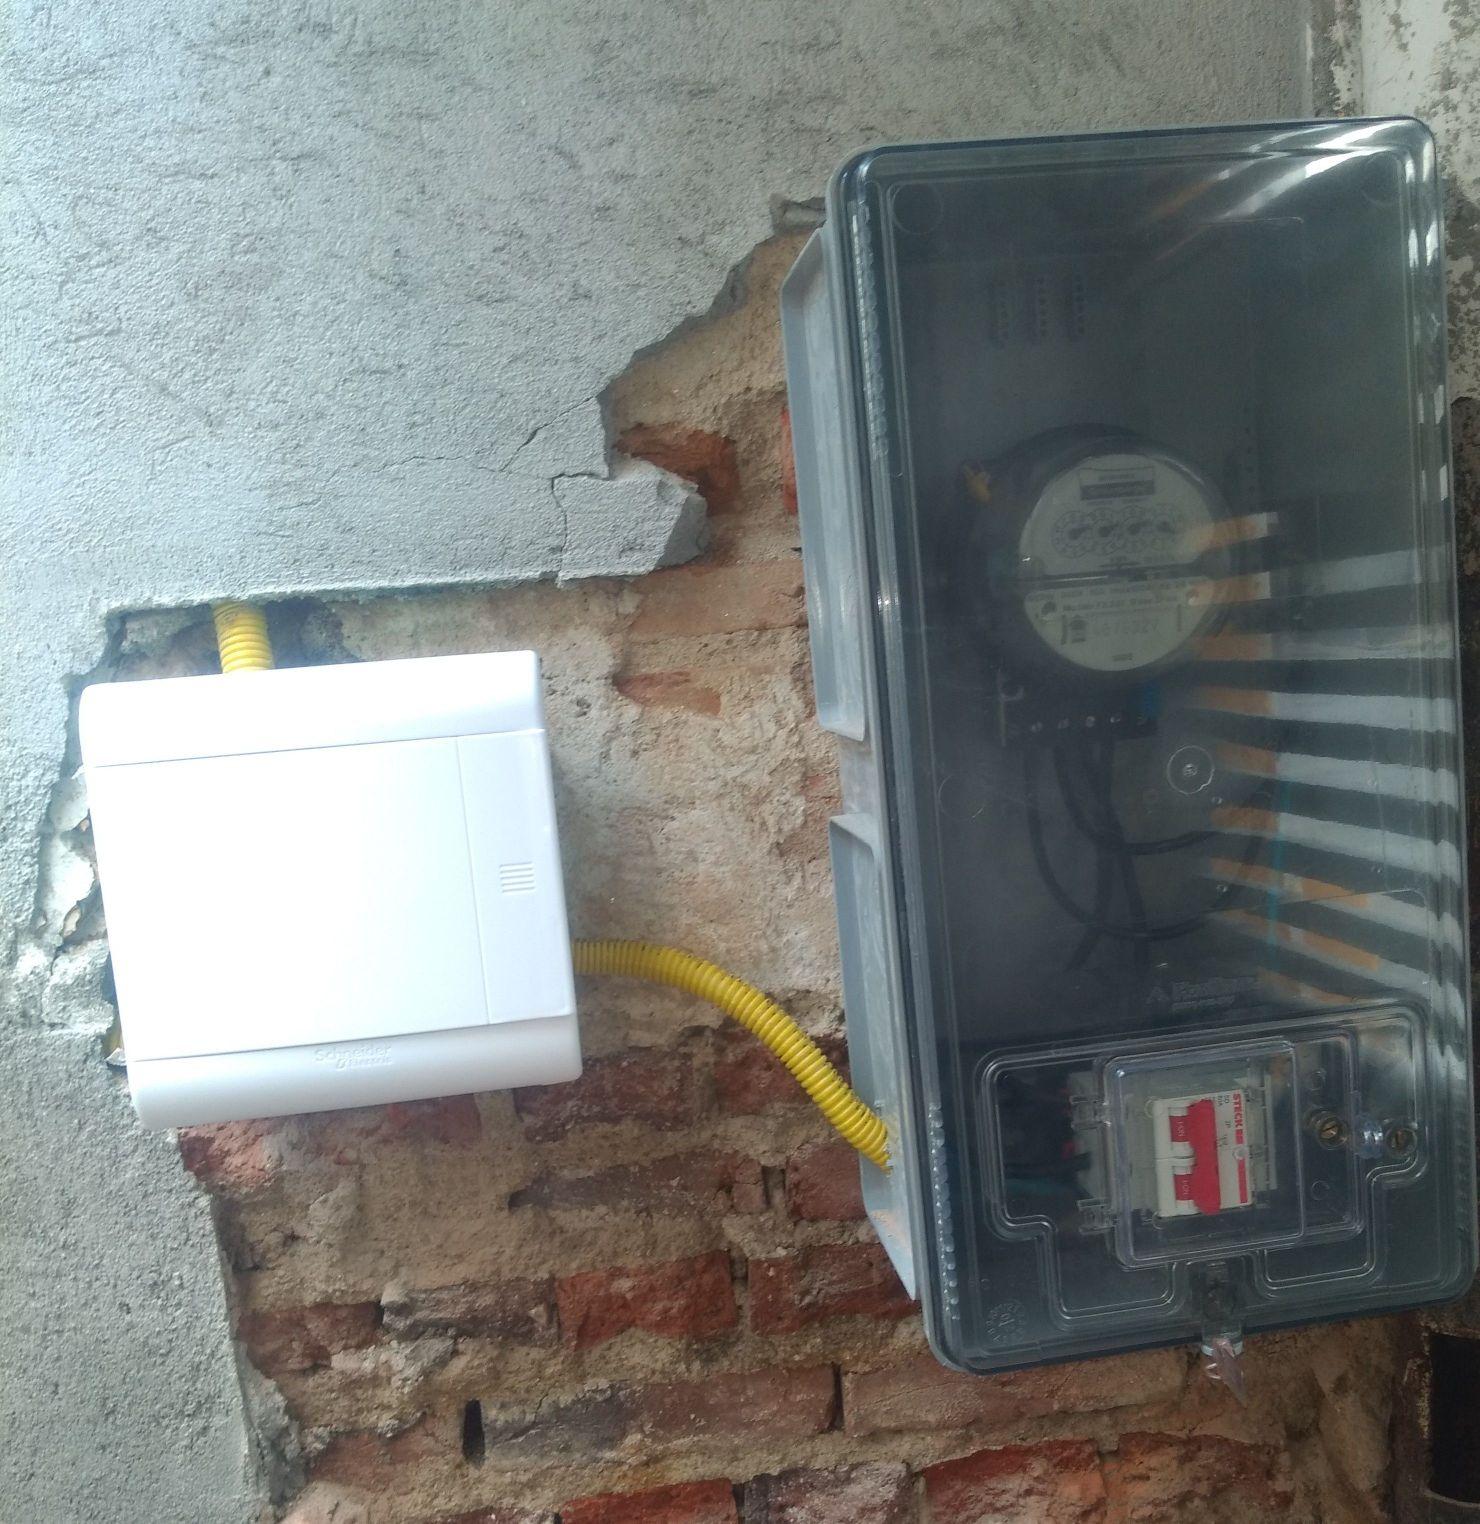 instalação de medidor de energia